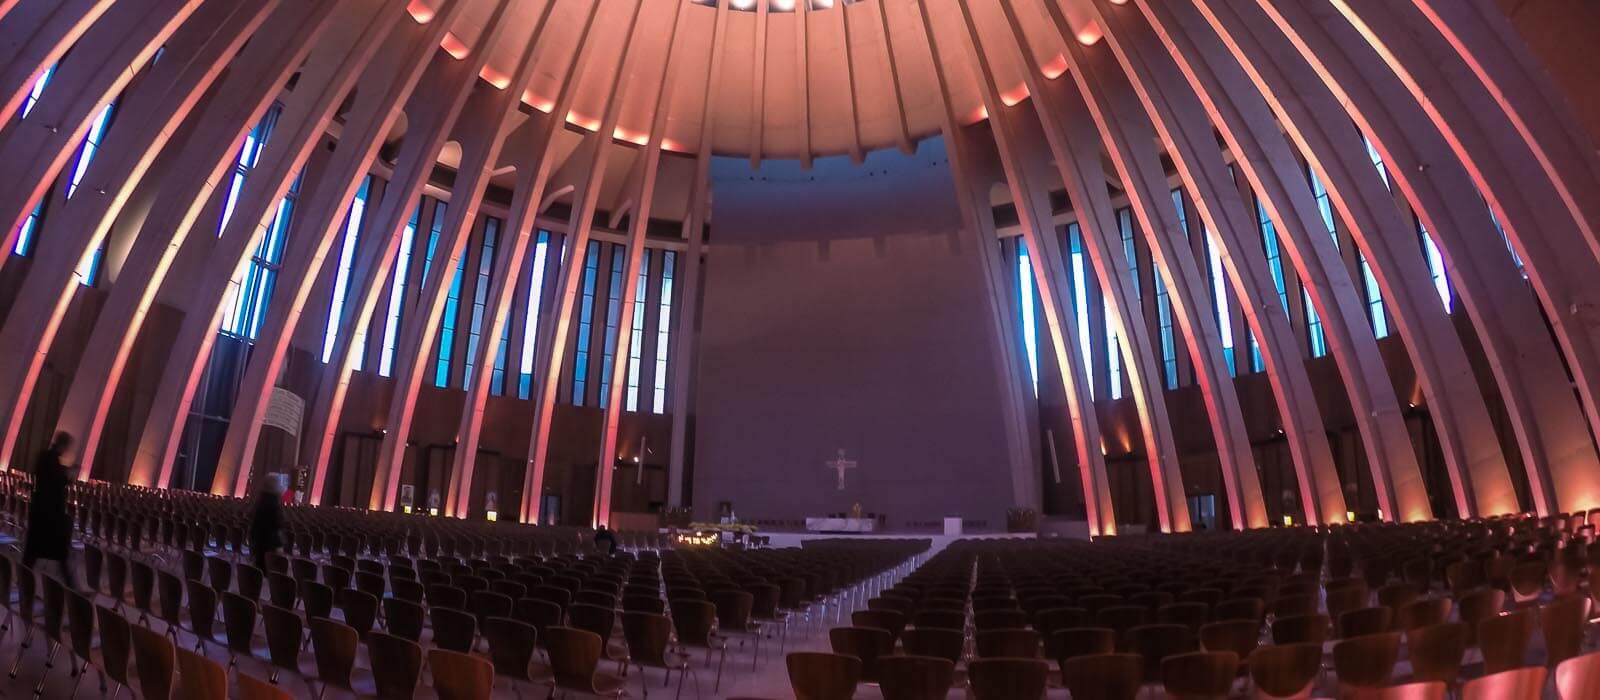 Świątynia Opatrzności Bożej. 11 powodów, dla których jest czymś więcej niż wyciskarką do cytryn